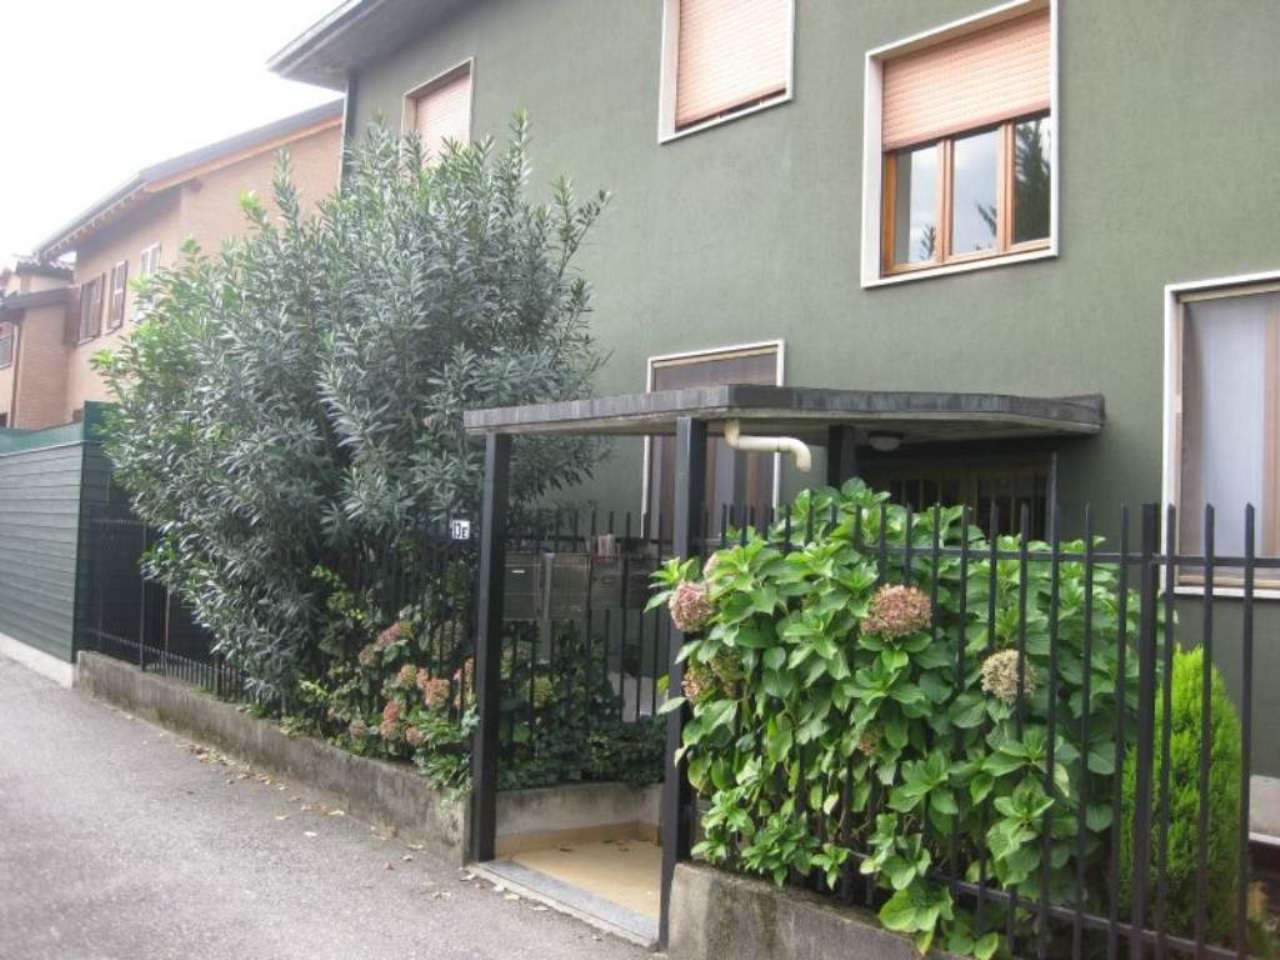 Ufficio / Studio in affitto a Cornaredo, 3 locali, prezzo € 550 | Cambio Casa.it